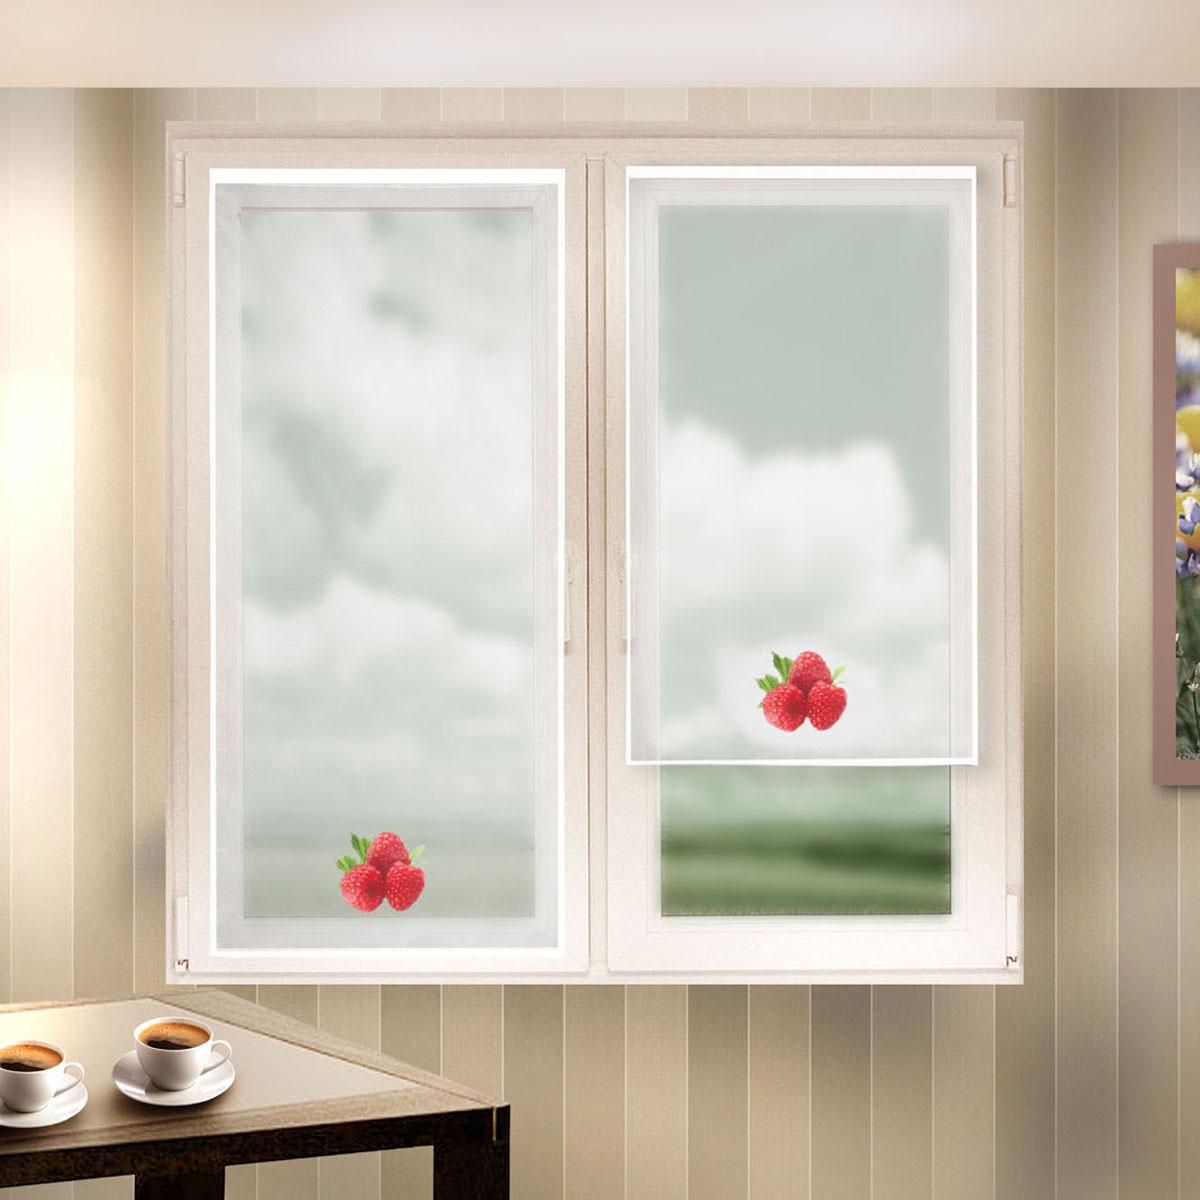 Гардина Zlata Korunka, цвет: белый, высота 90 см. 666054-2666054-2Шторы из материала вуаль, для кухни, белого цвета с печатным рисунком. Крепление на липкой ленте, не требующее сверления стен и карниза. Многоразовое и мгновенное крепление. Штора 2 шт.- шир.60 х выс.90 Размеры: (ширина 60* высота 90)*2